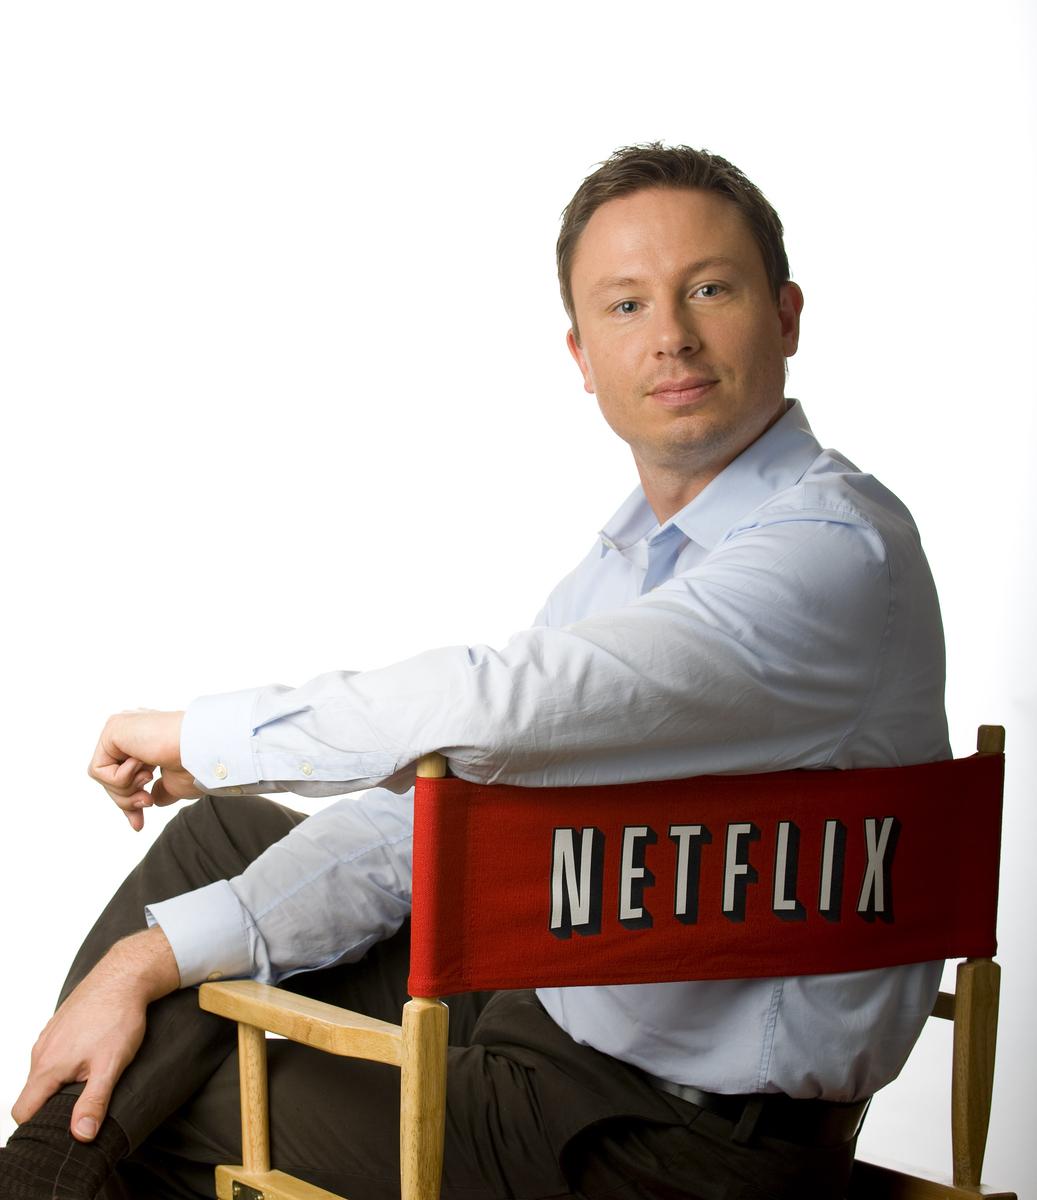 Netflix 205